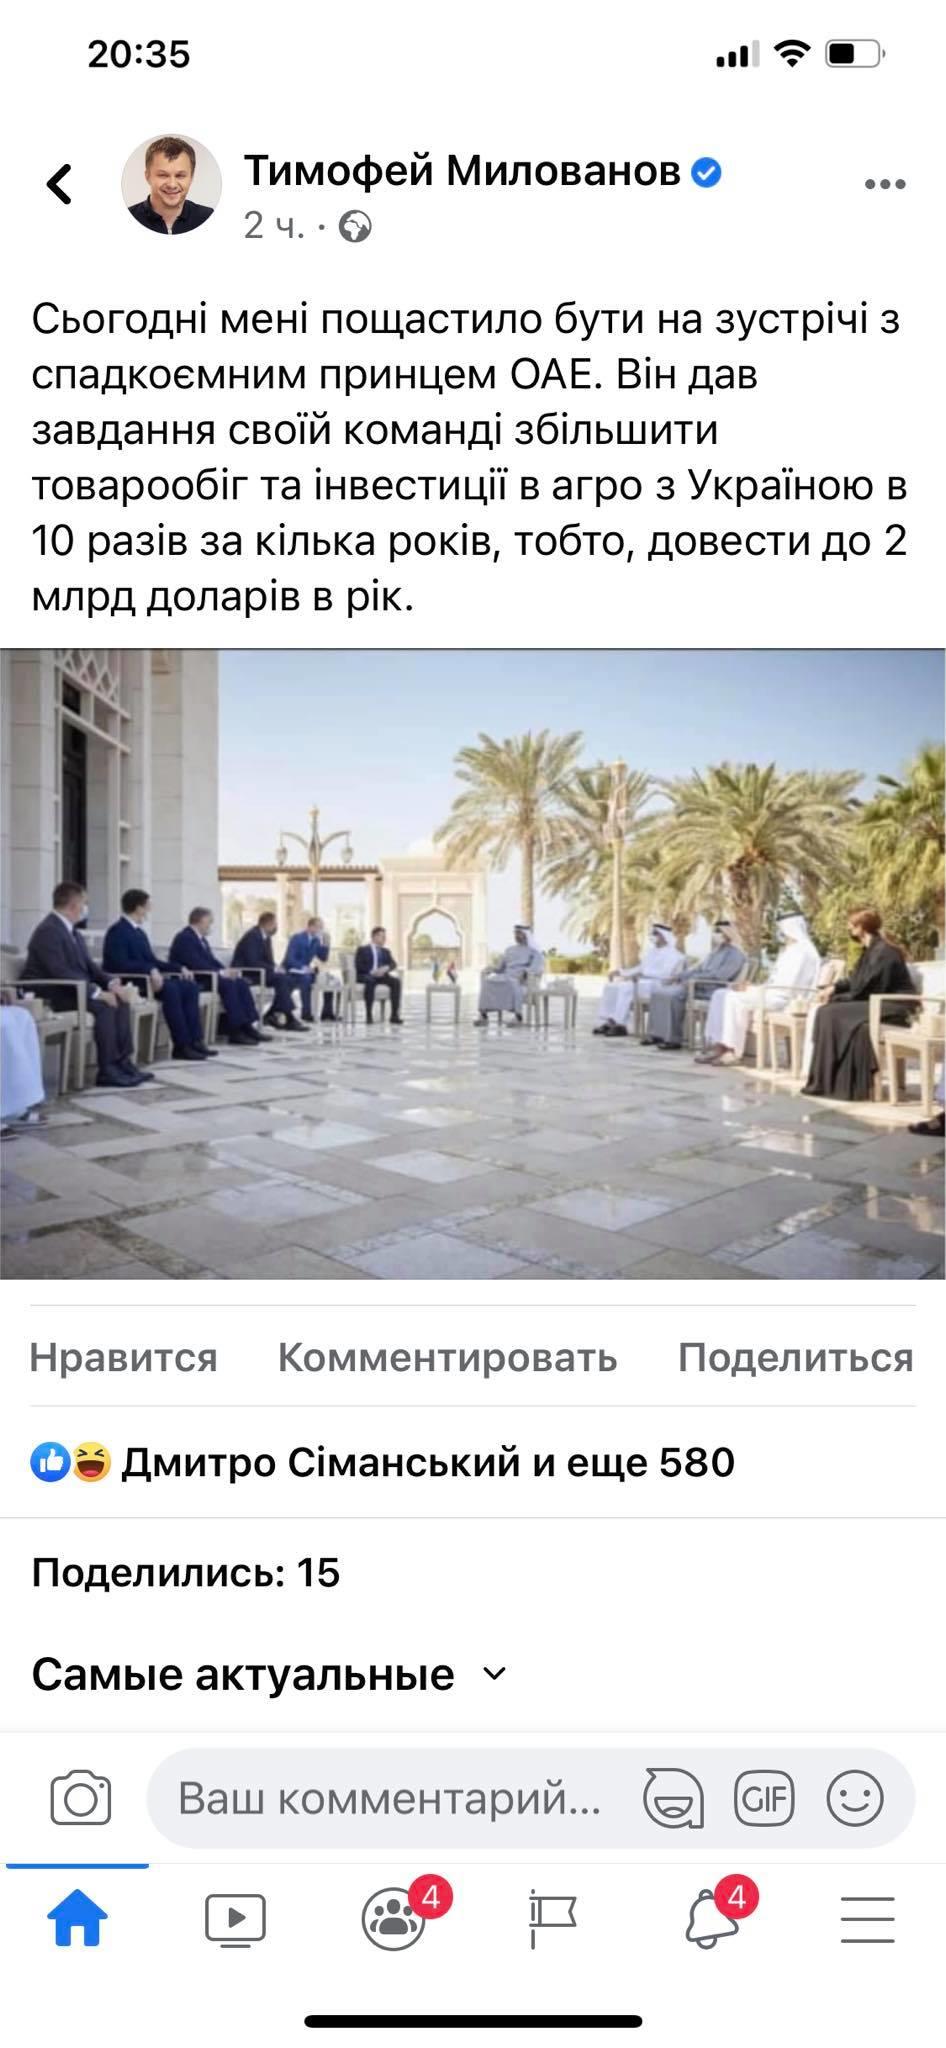 Скріншот із сторінки Тимофія Милованова